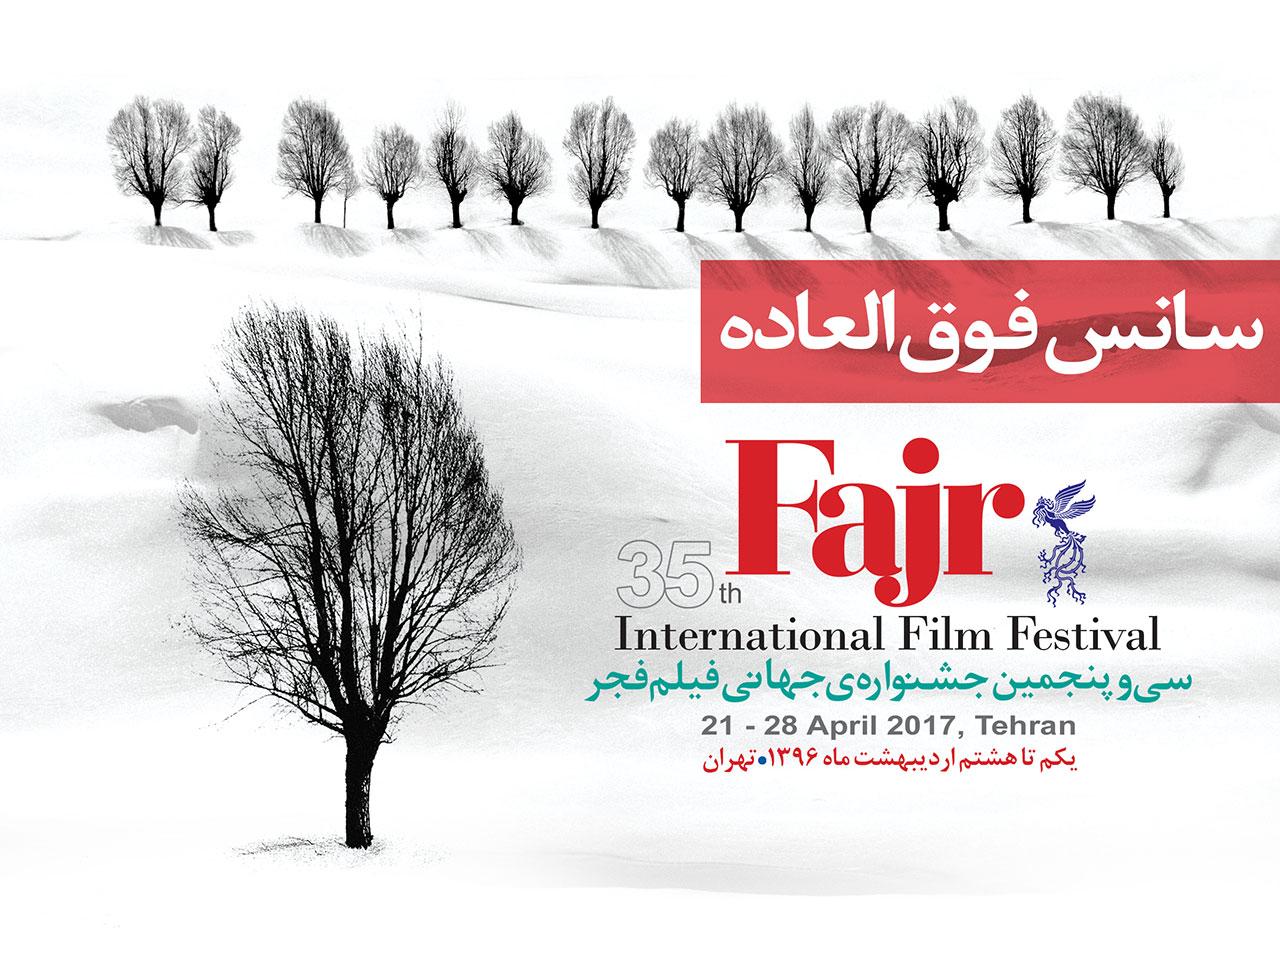 سانس فوق العاده برای چهار فیلم در جشنواره جهانی فیلم فجر